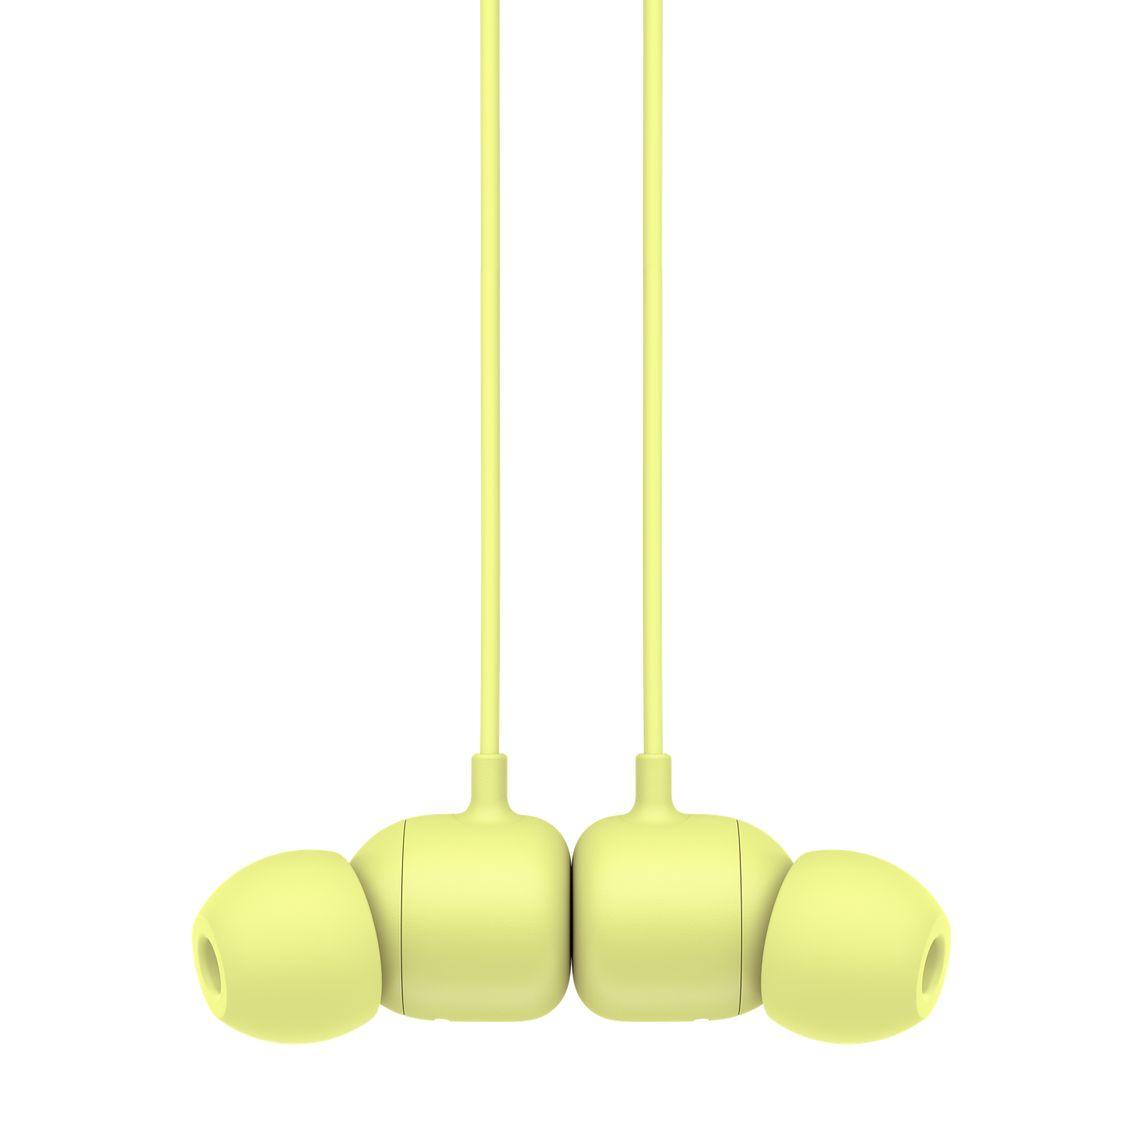 - Audifono In Ear Wireless Flex Beats / Amarillo 4